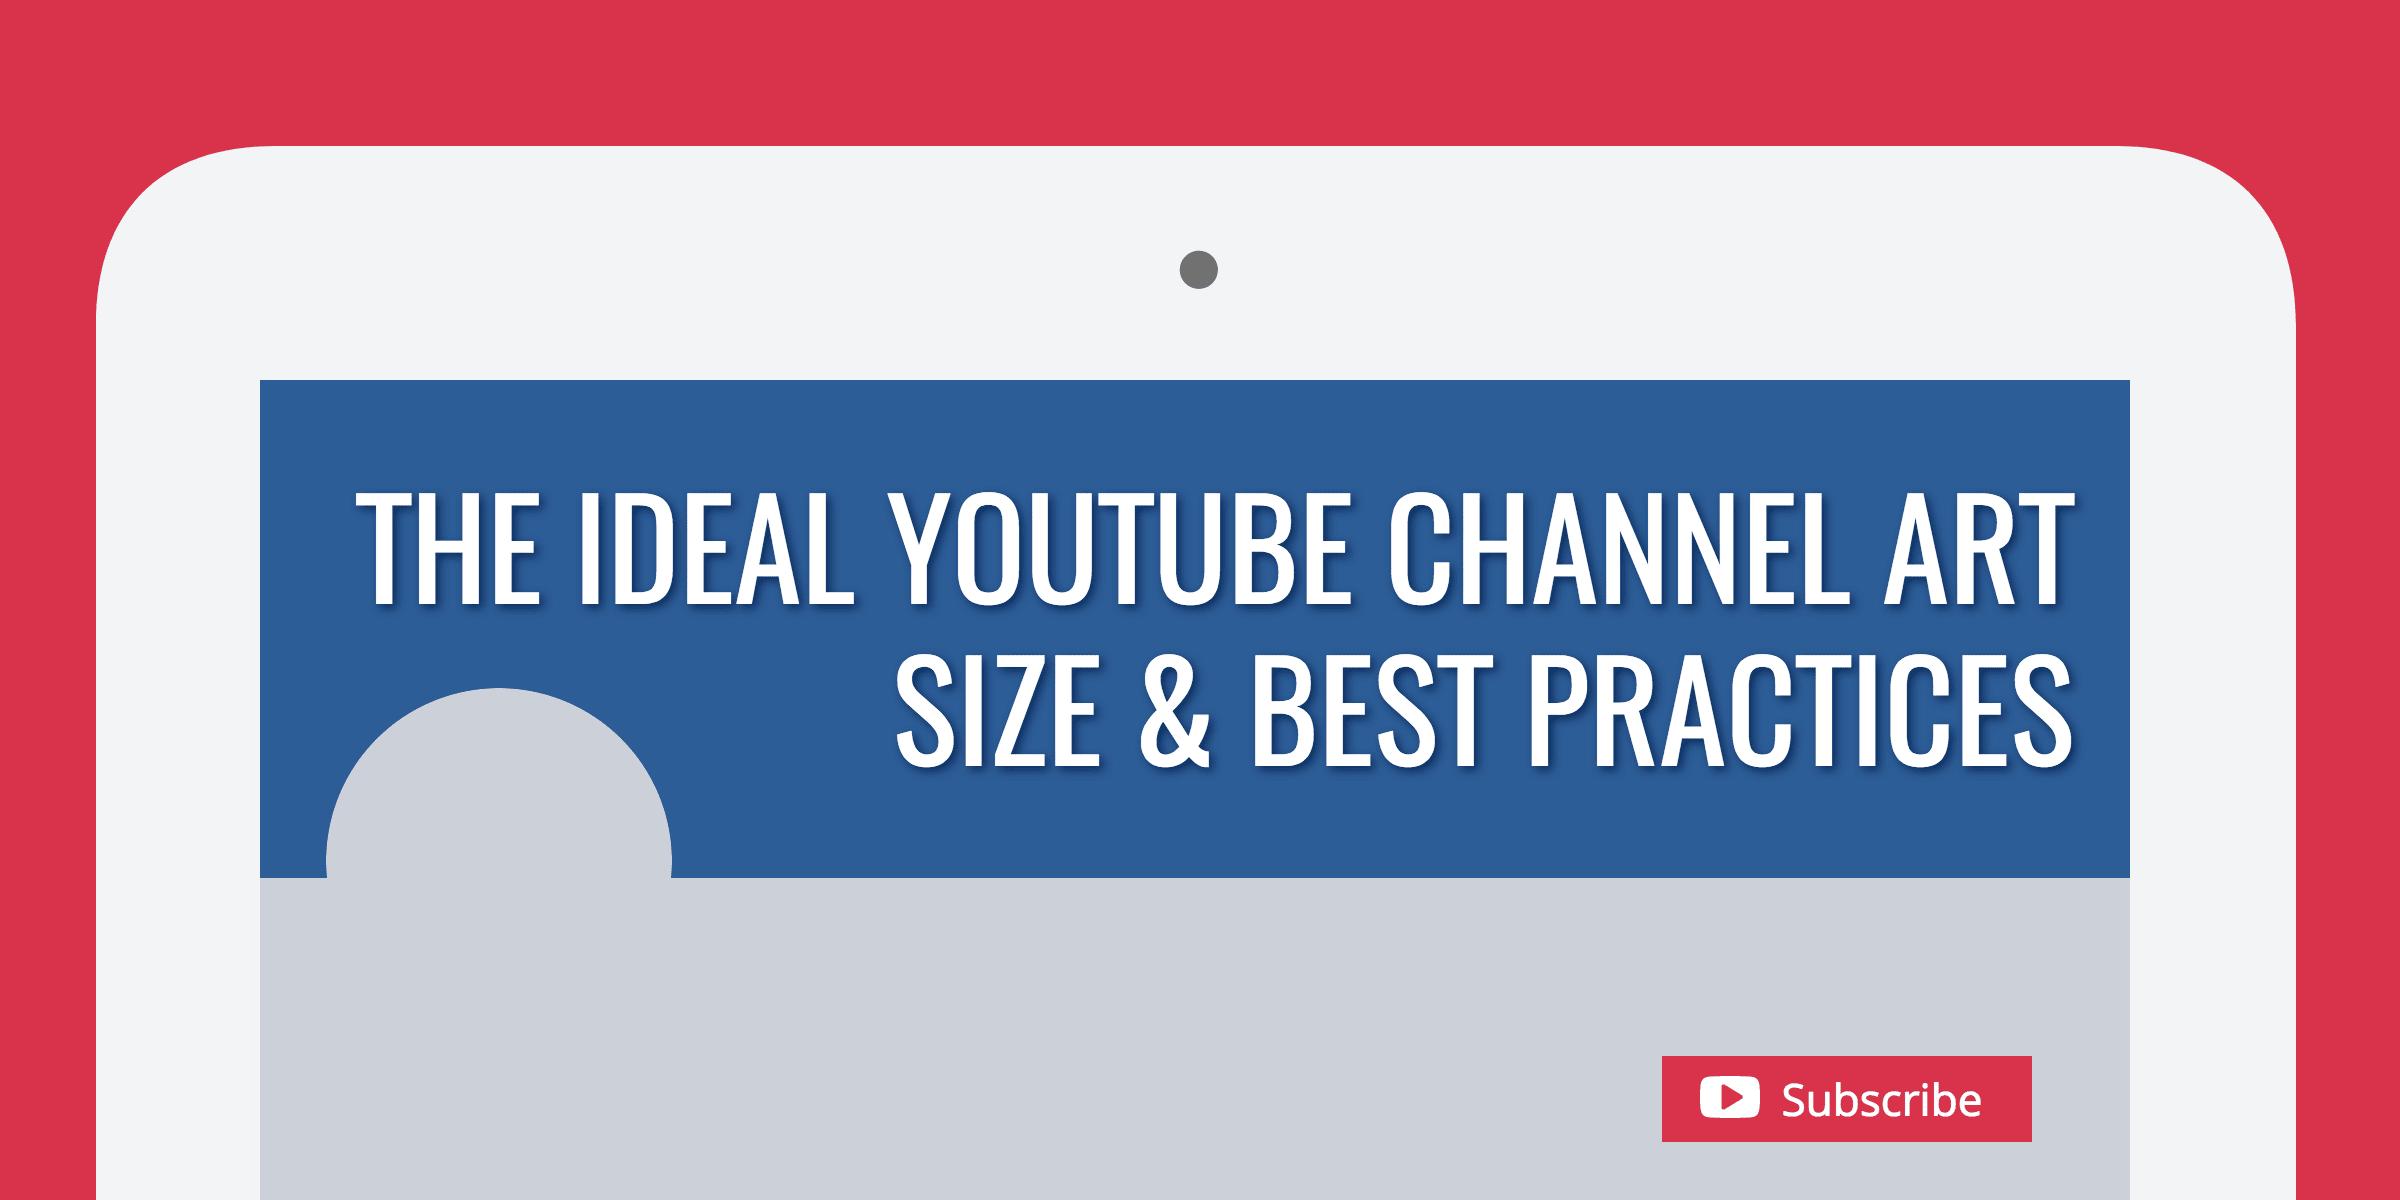 YouTube Channel Art Size